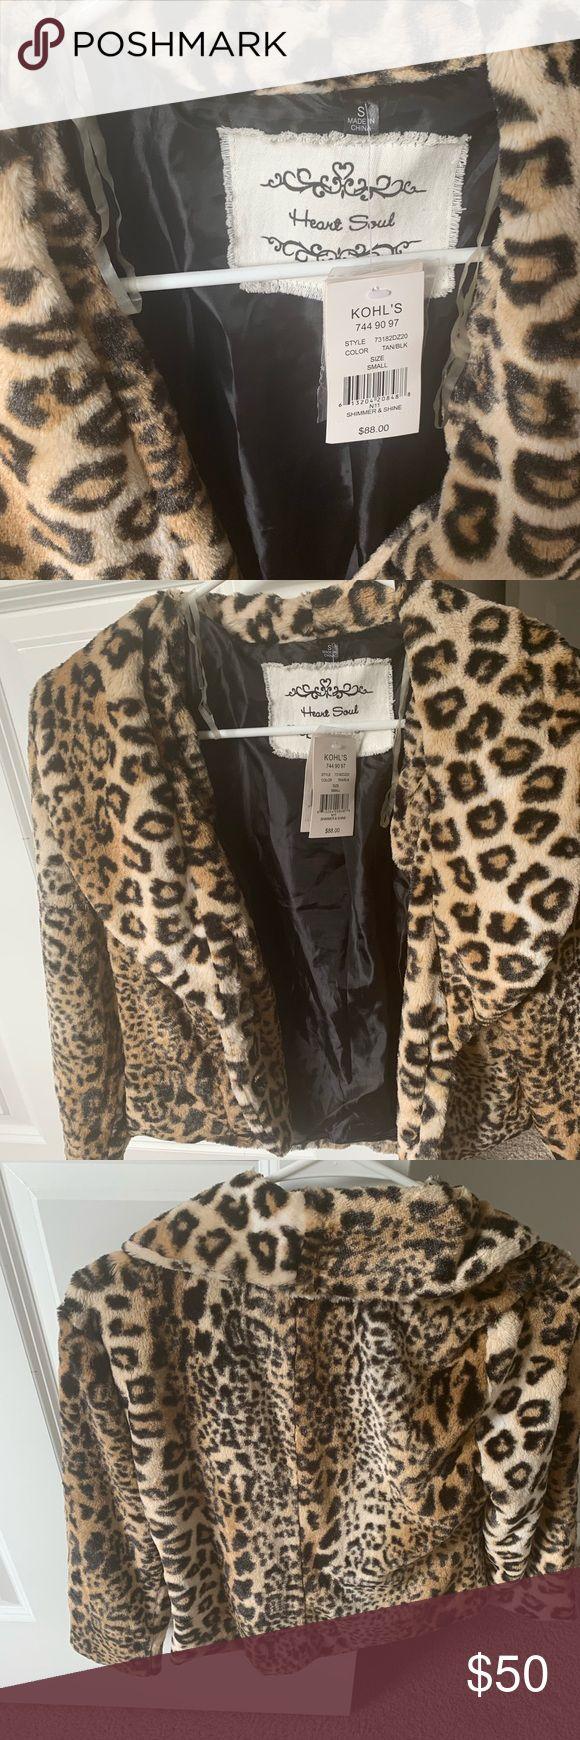 Heart Soul ladies faux fur leopard jacke…